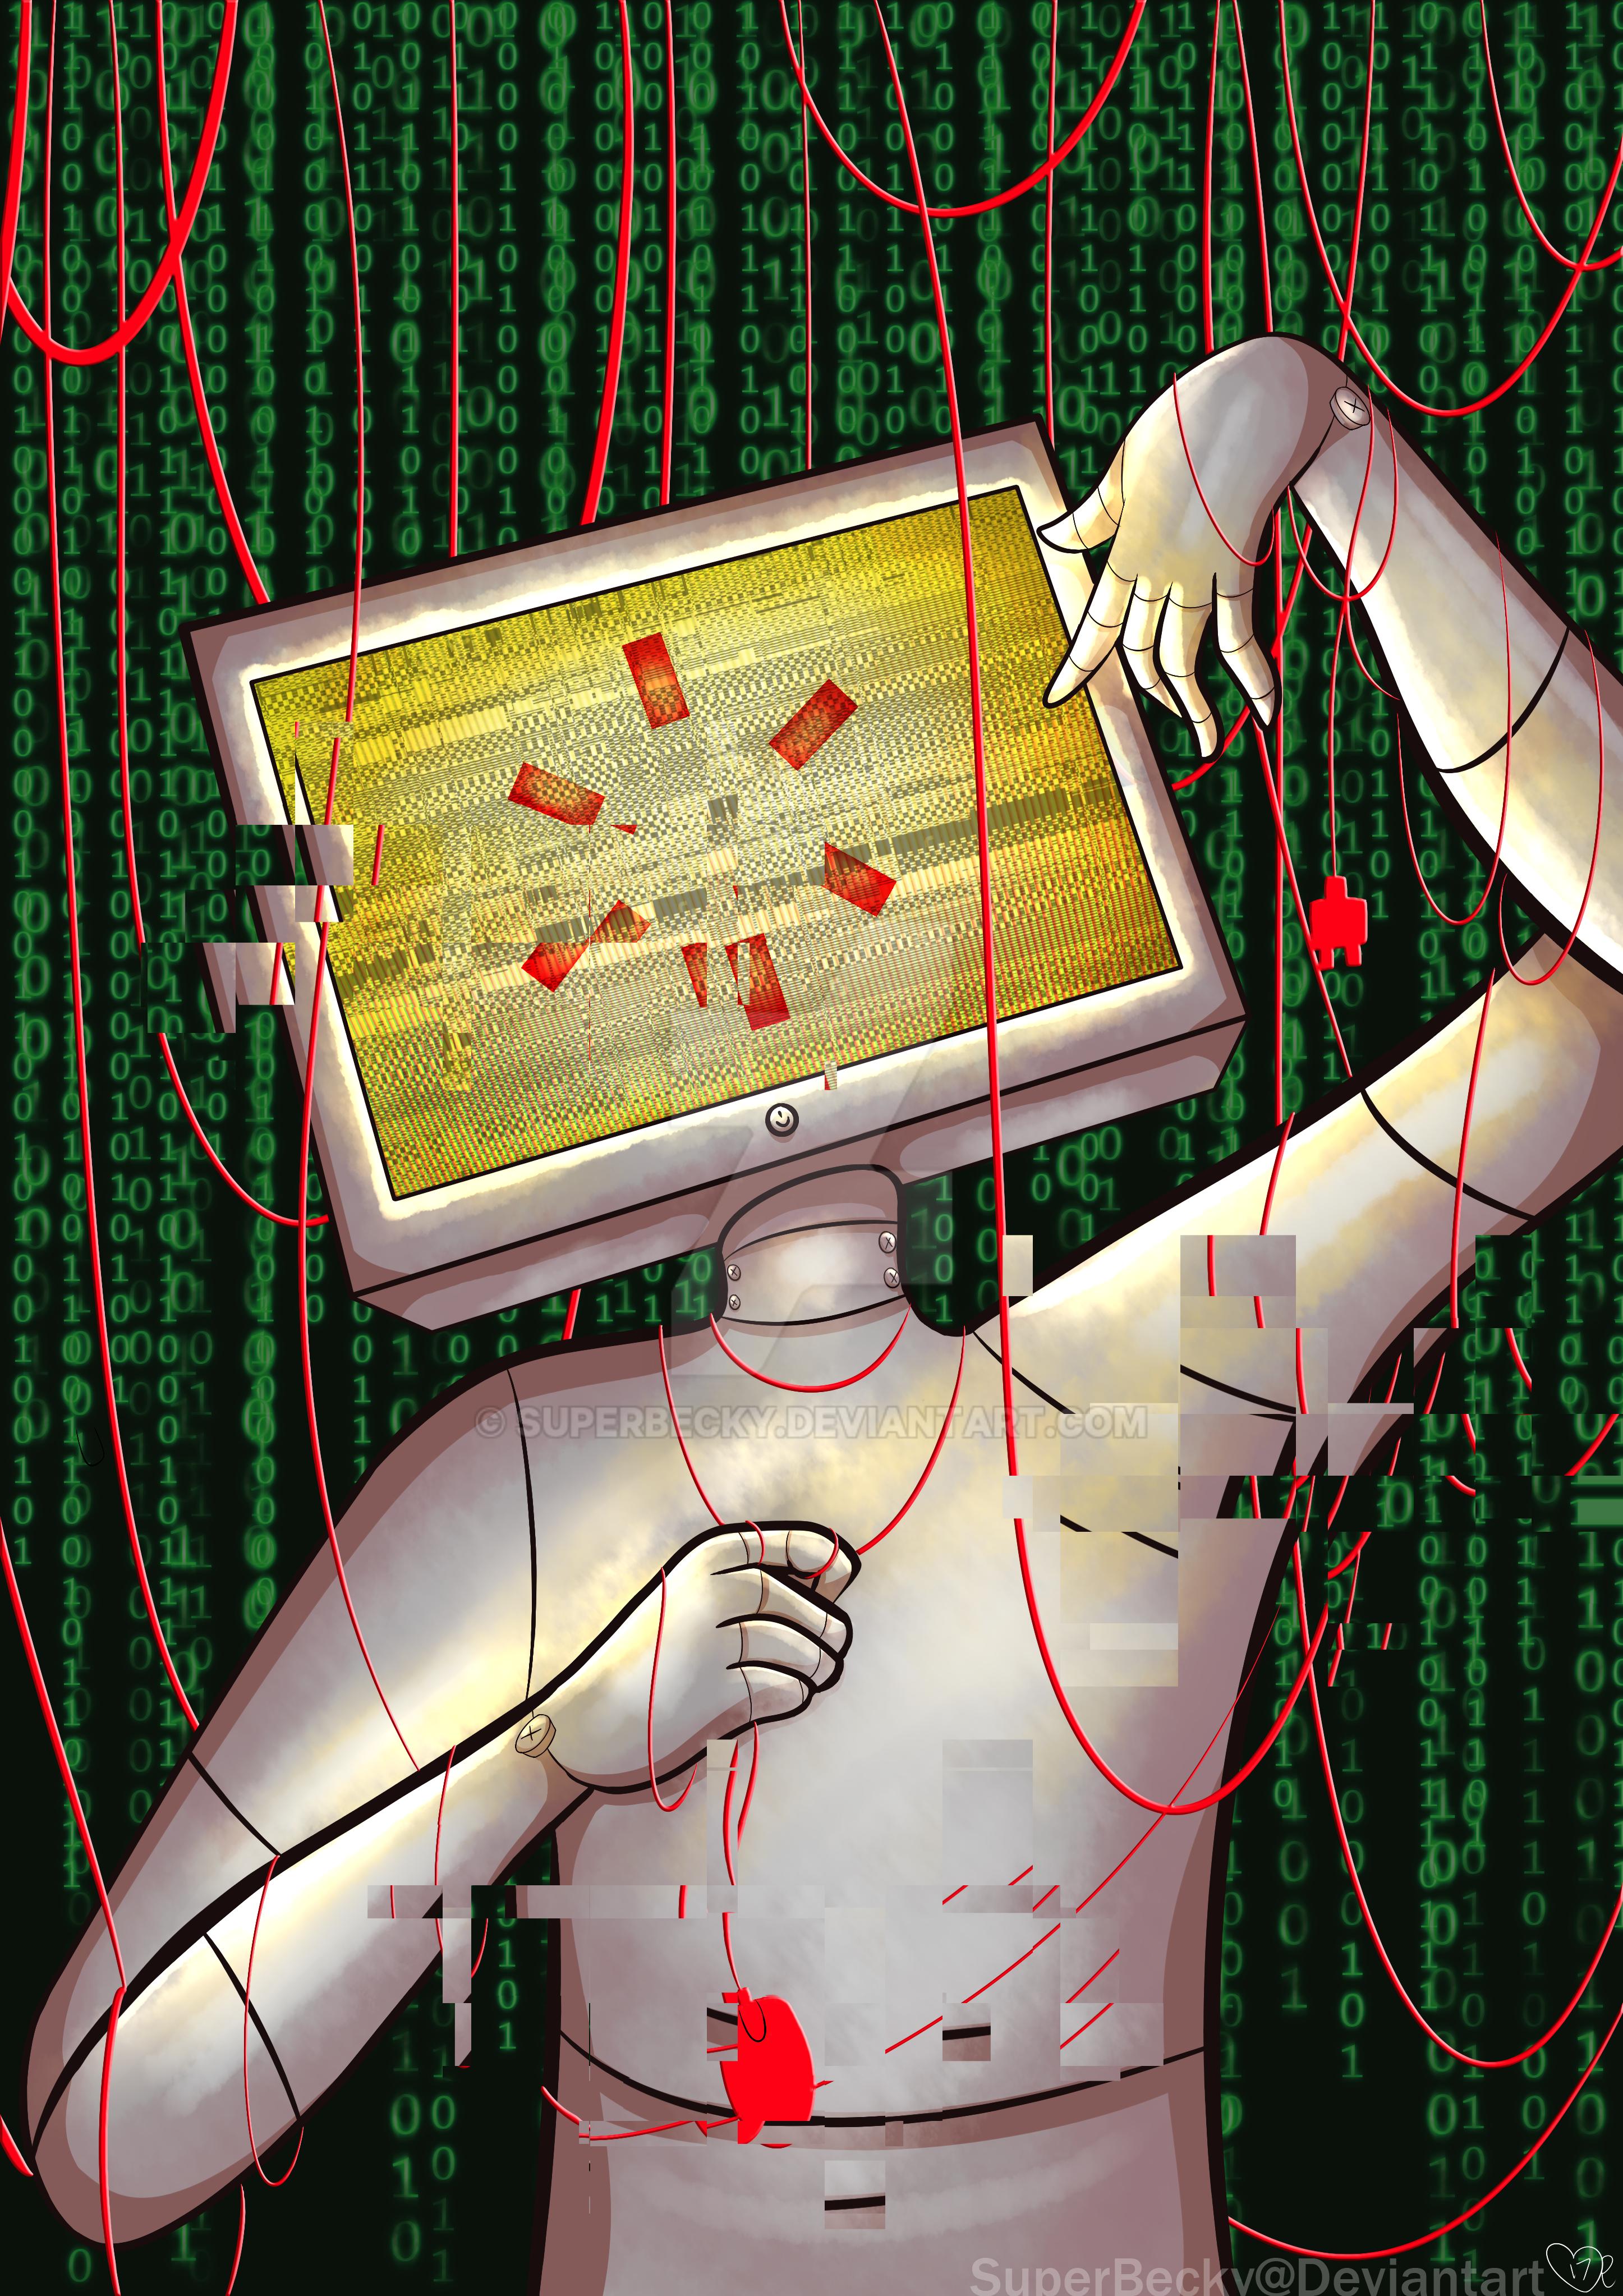 Save Net Neutrality by SuperBecky